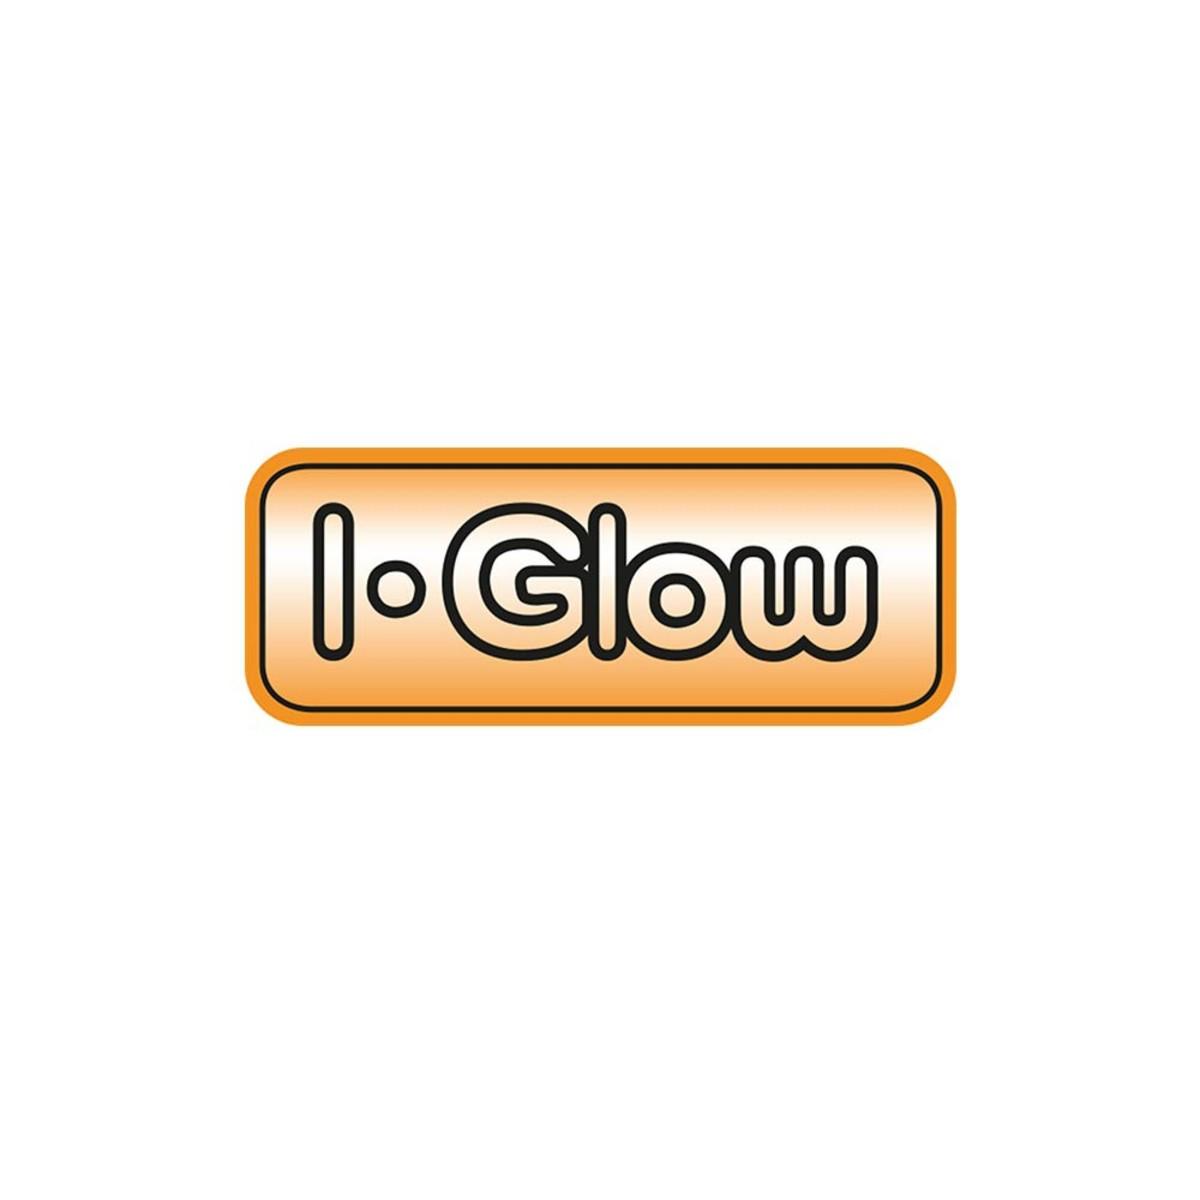 Bild 2 von I-Glow LED Solar Partybirnen 4er-Set - Warmweiß